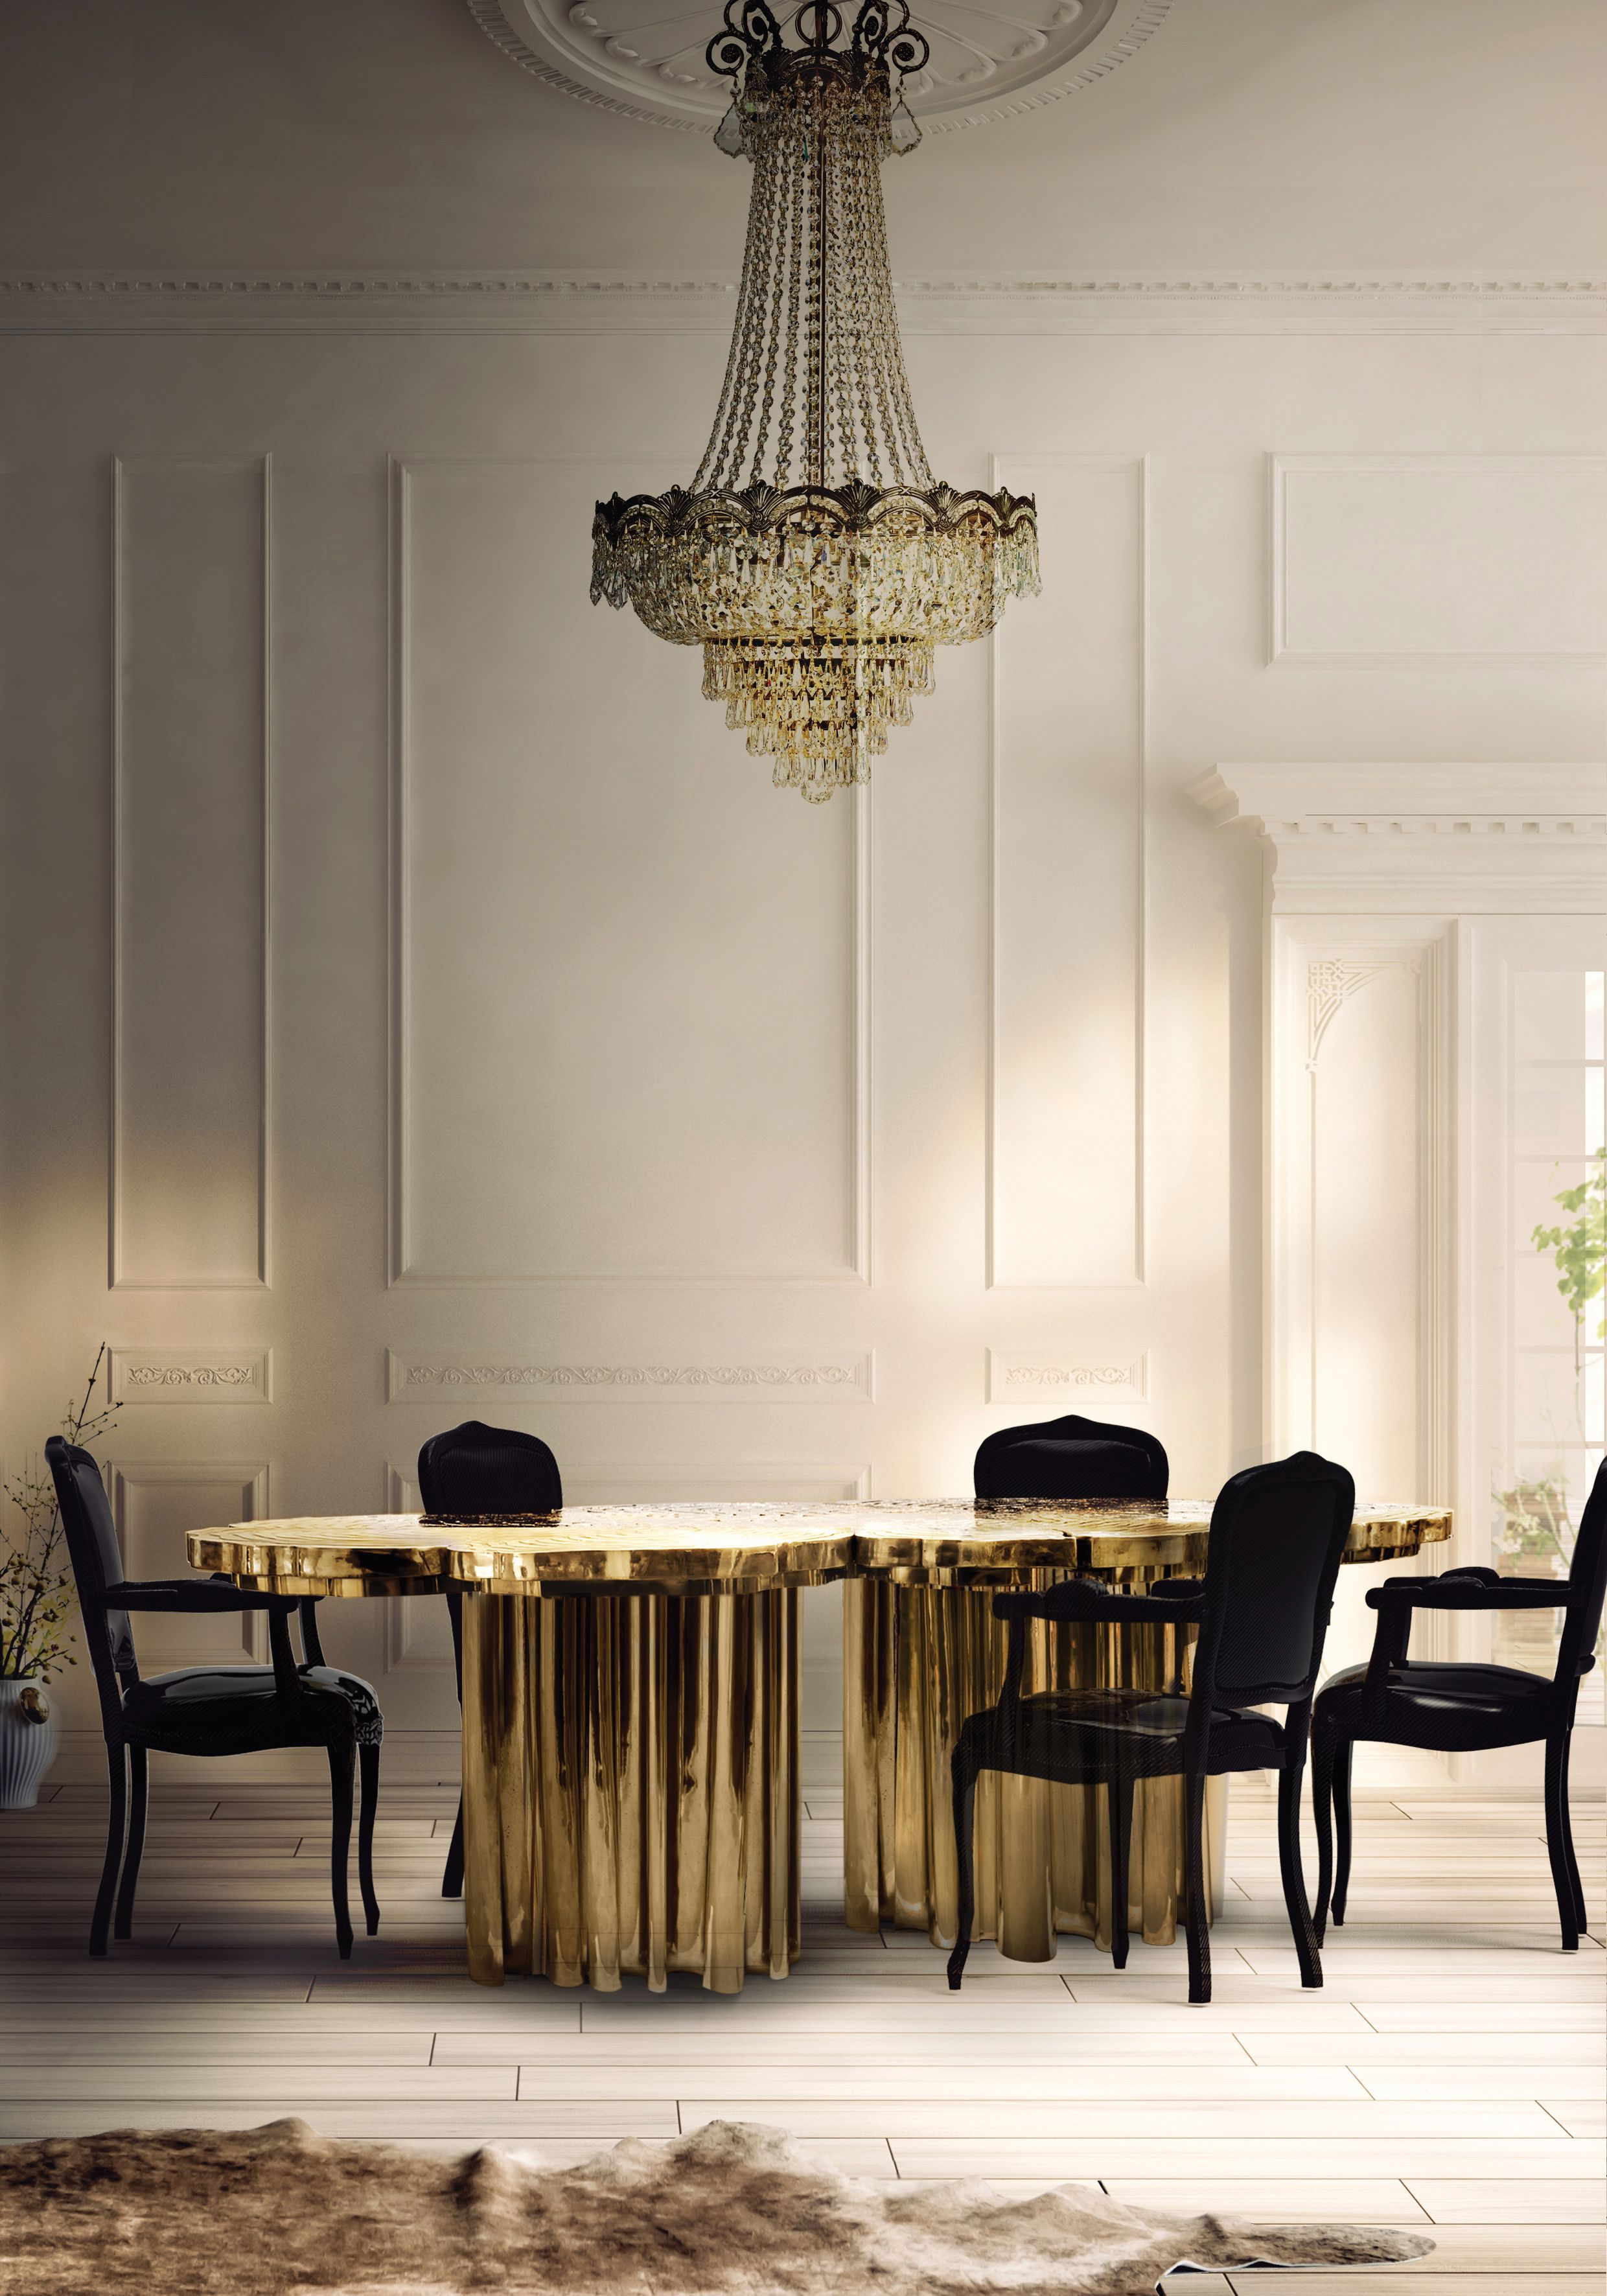 Modernen stil | Luxus Möbel | www.wohnenmitklassikern.com | Modernen ...